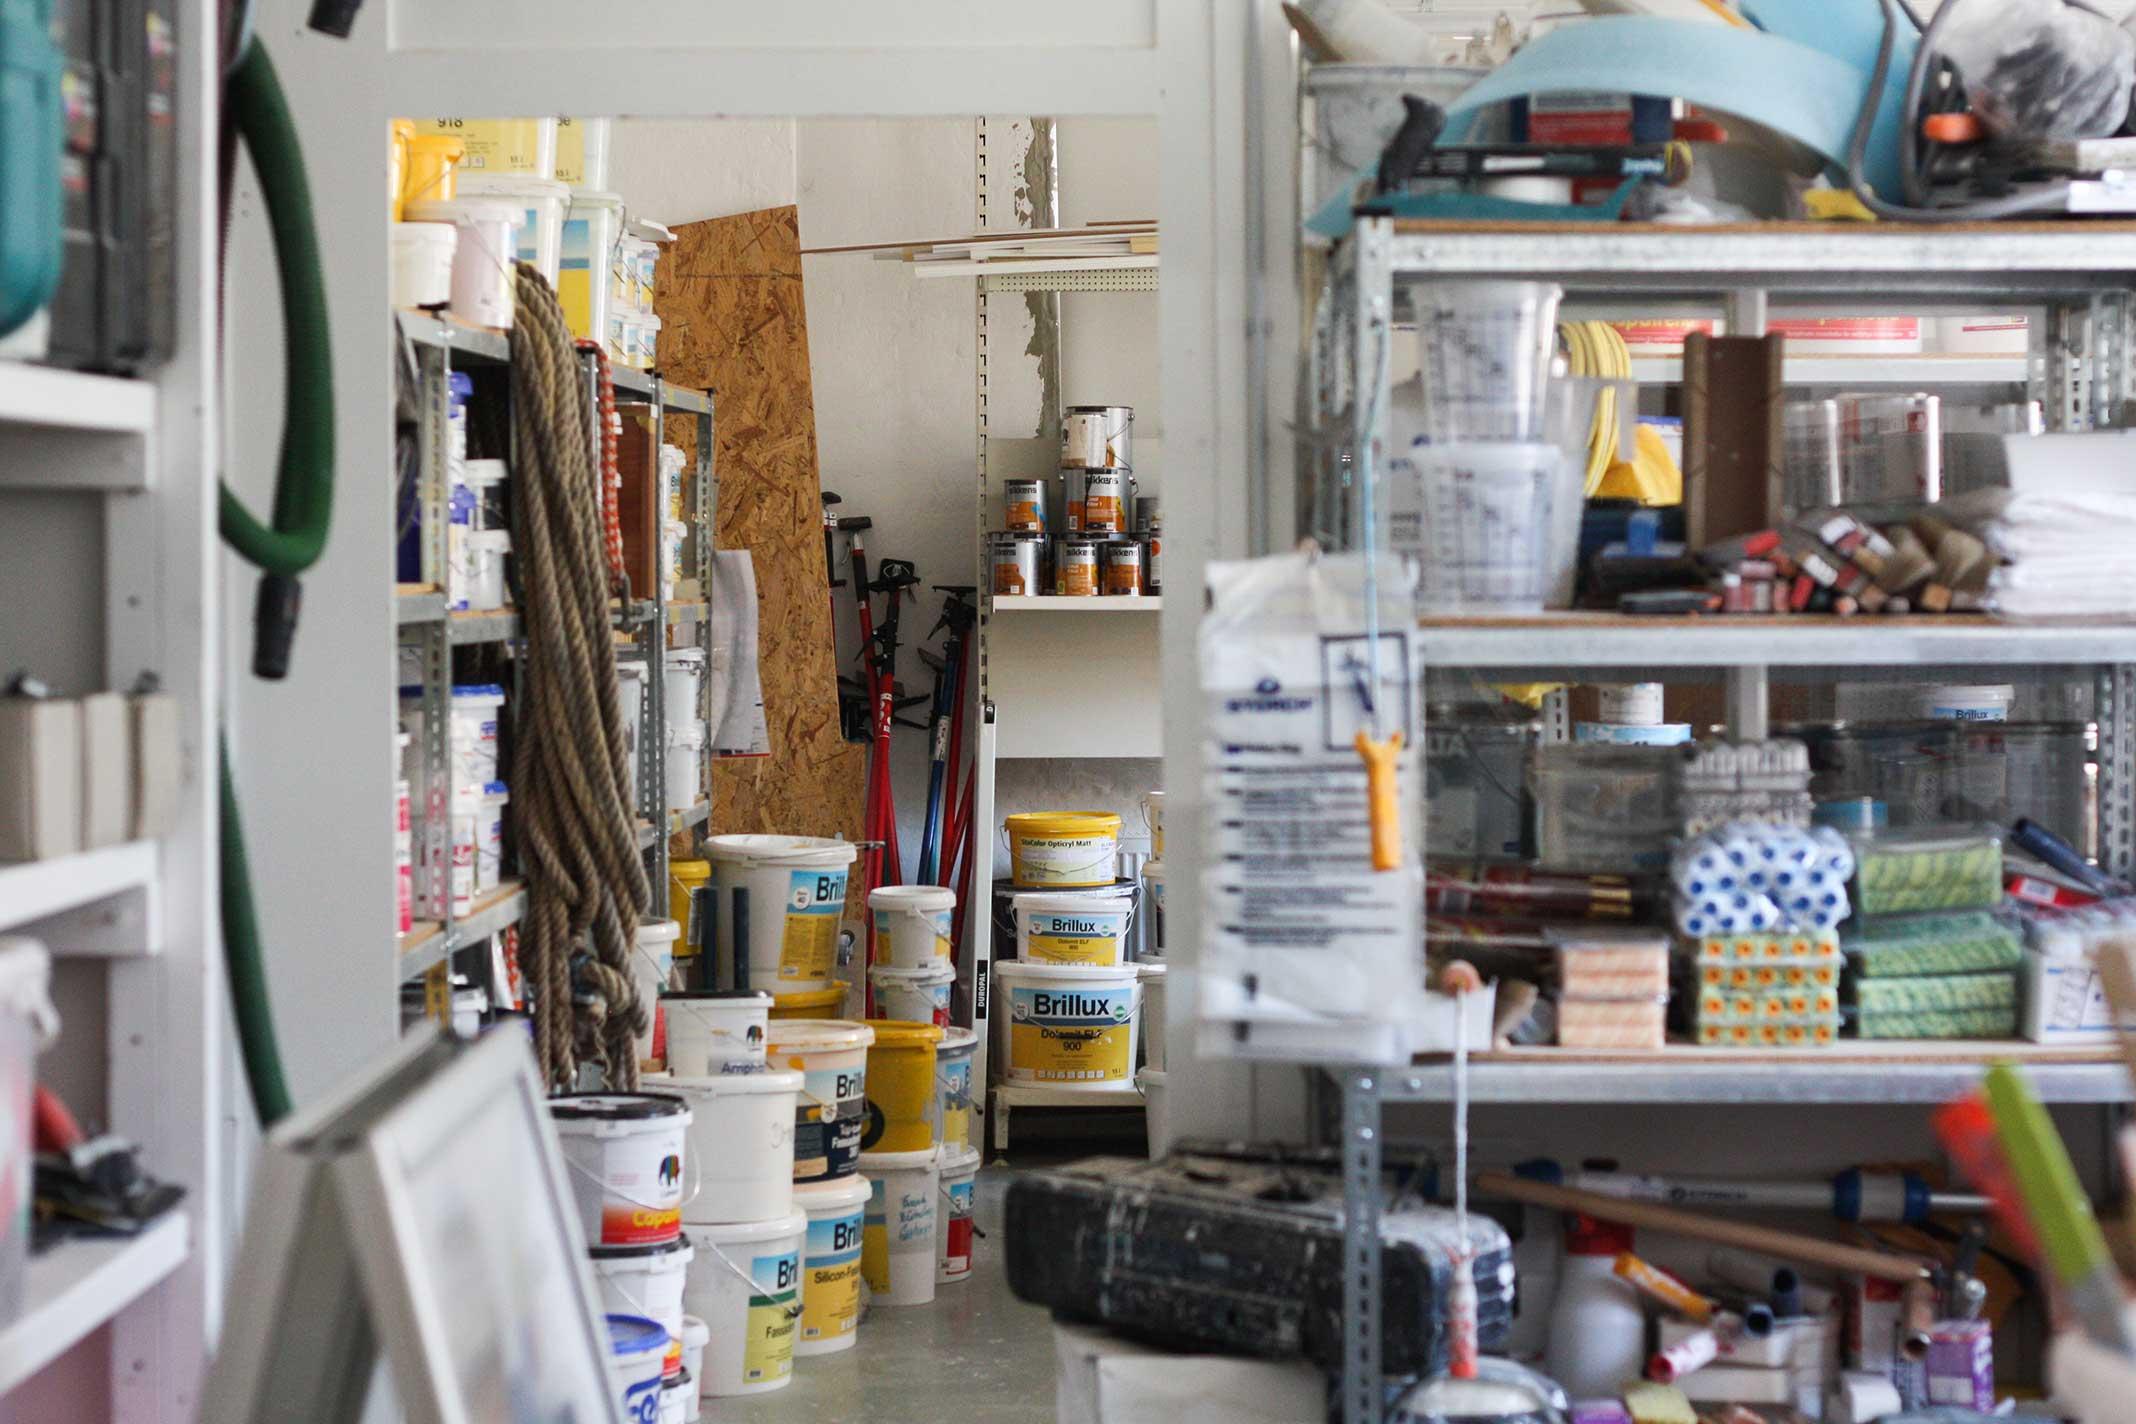 Meisterbetrieb Blender | Werkstatt Innenansicht